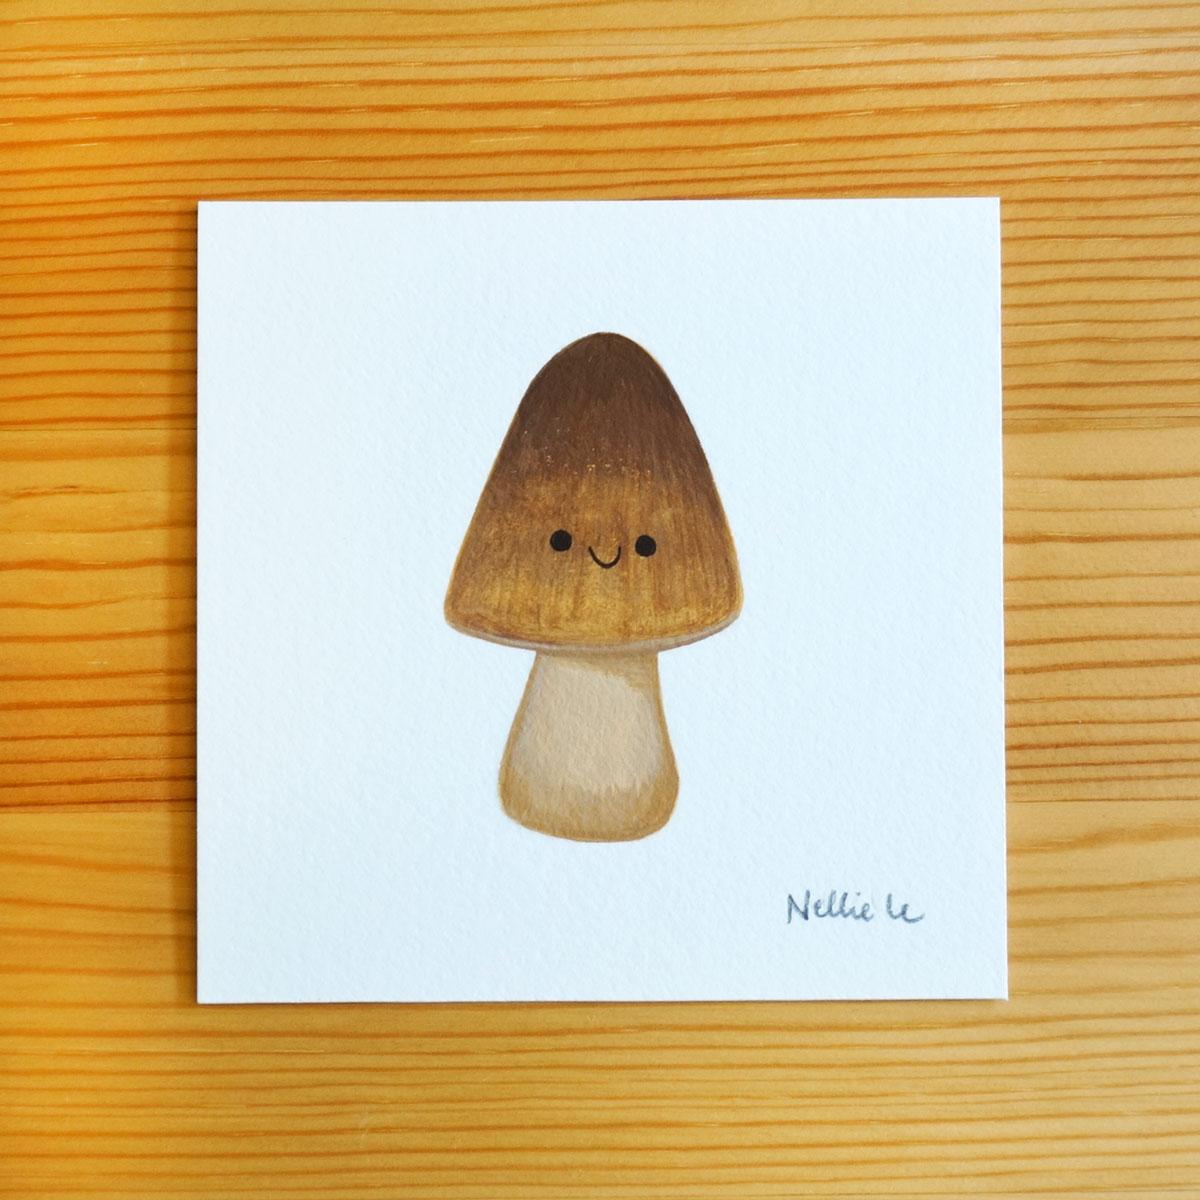 straw_mushroom.jpg